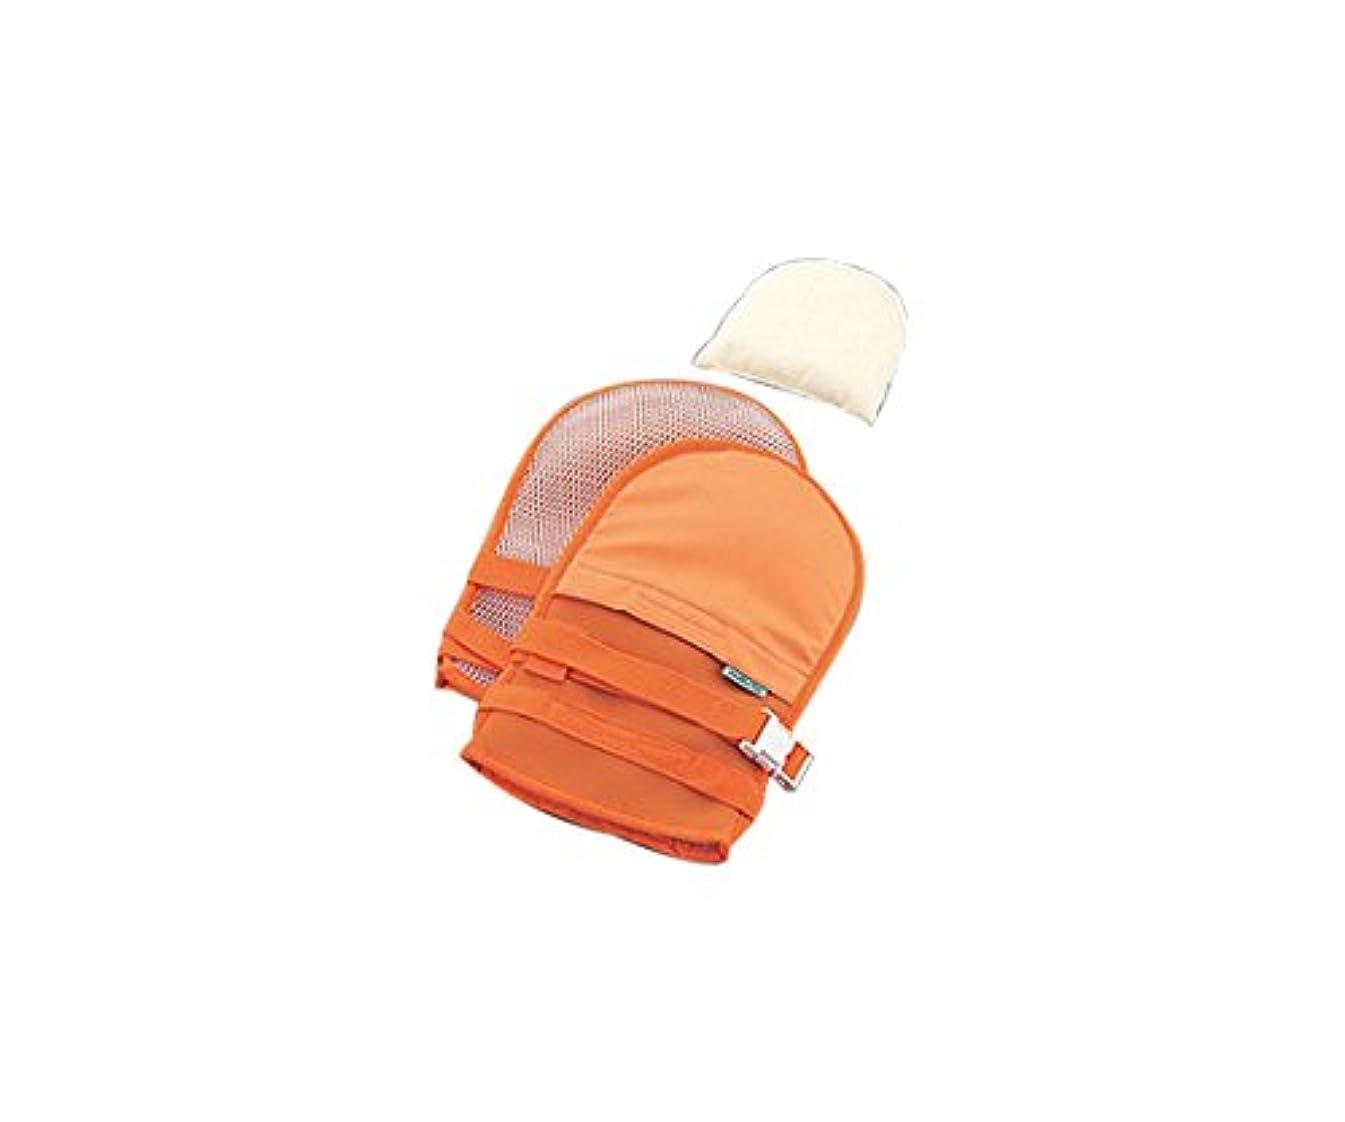 破壊するランデブー続けるナビス(アズワン)0-1638-43抜管防止手袋小メッシュオレンジ